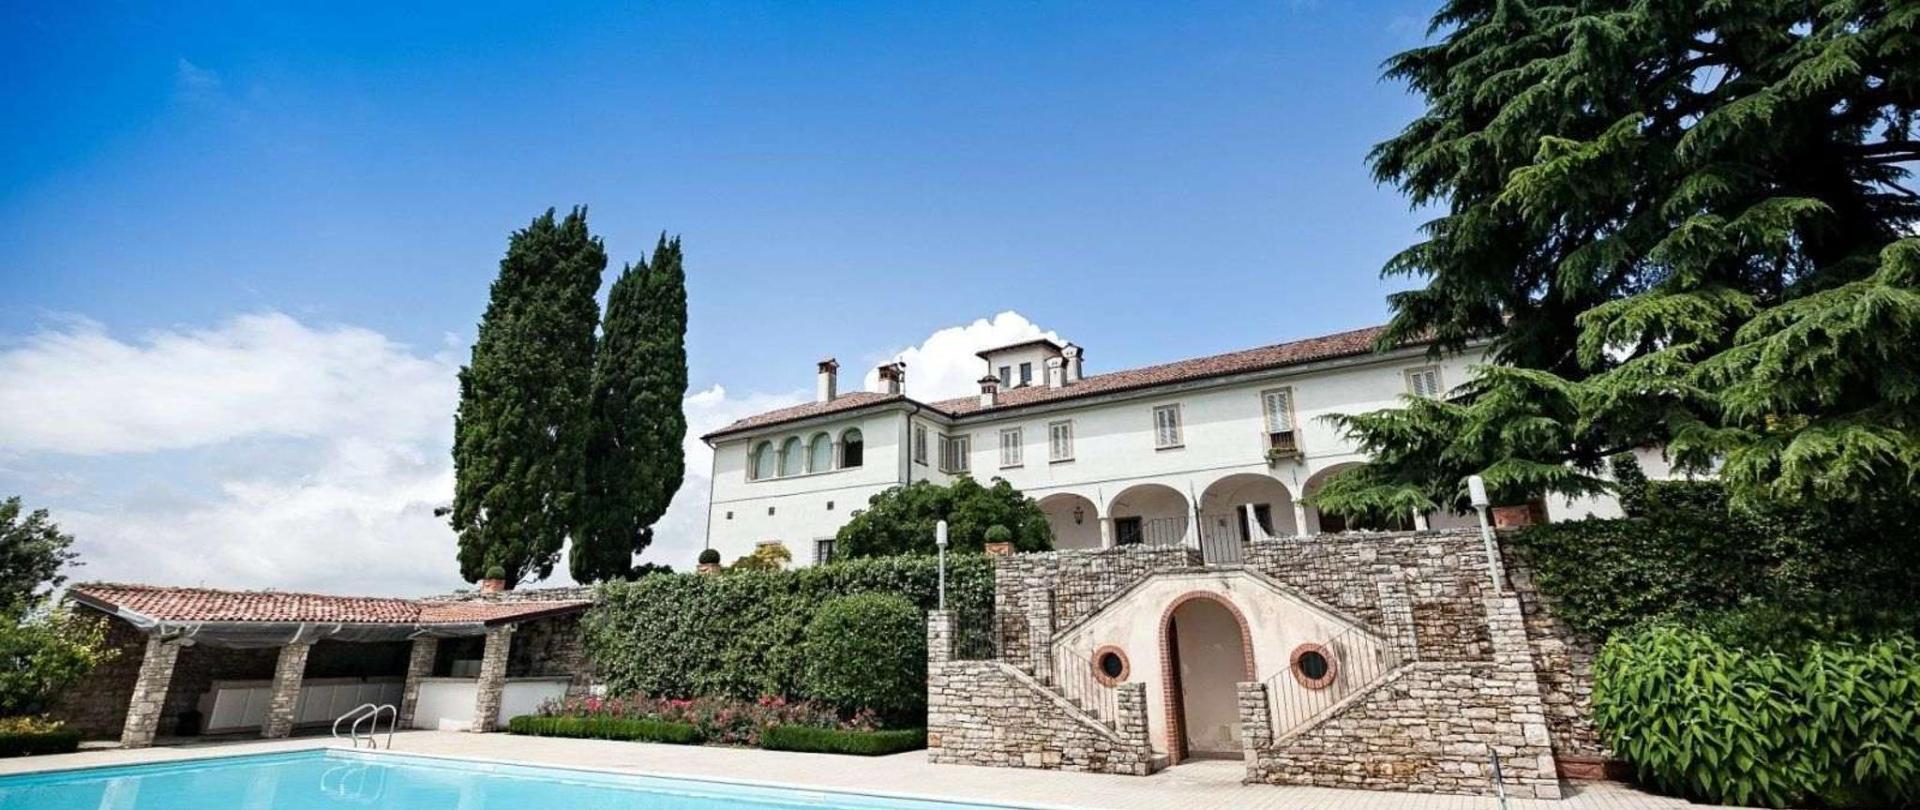 Castello degli Angeli parco piscina e cedro.jpg